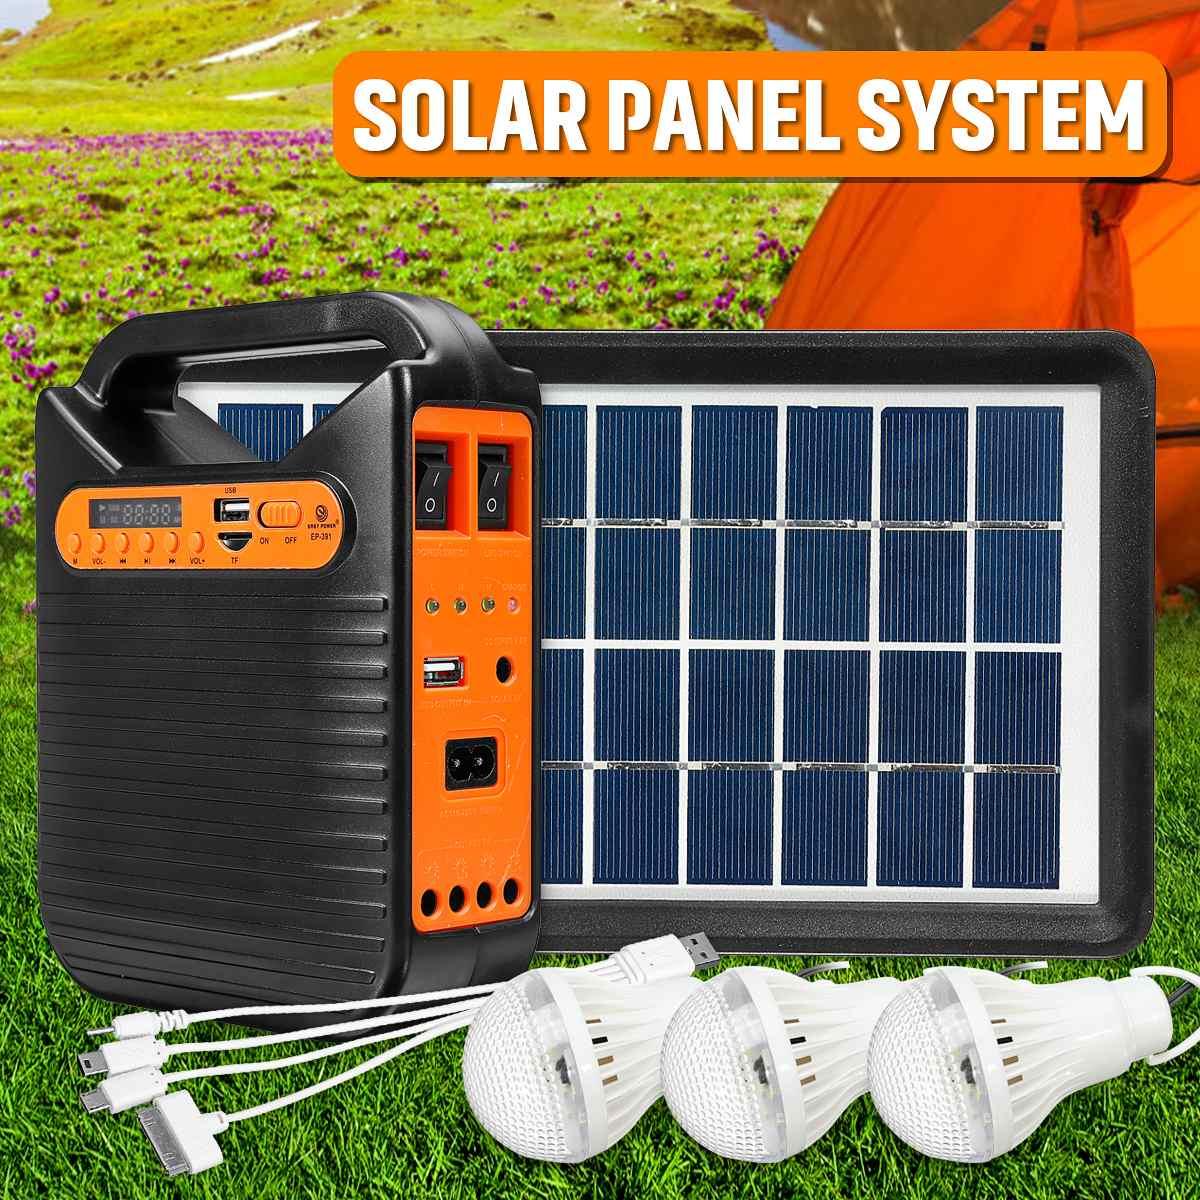 25 واط المنزل بلوتوث شاحن يو اس بي نظام المنزل الشمسية لوحة الطاقة طقم مولد مع راديو FM 3 LED لمبات ضوء الطوارئ الإضاءة